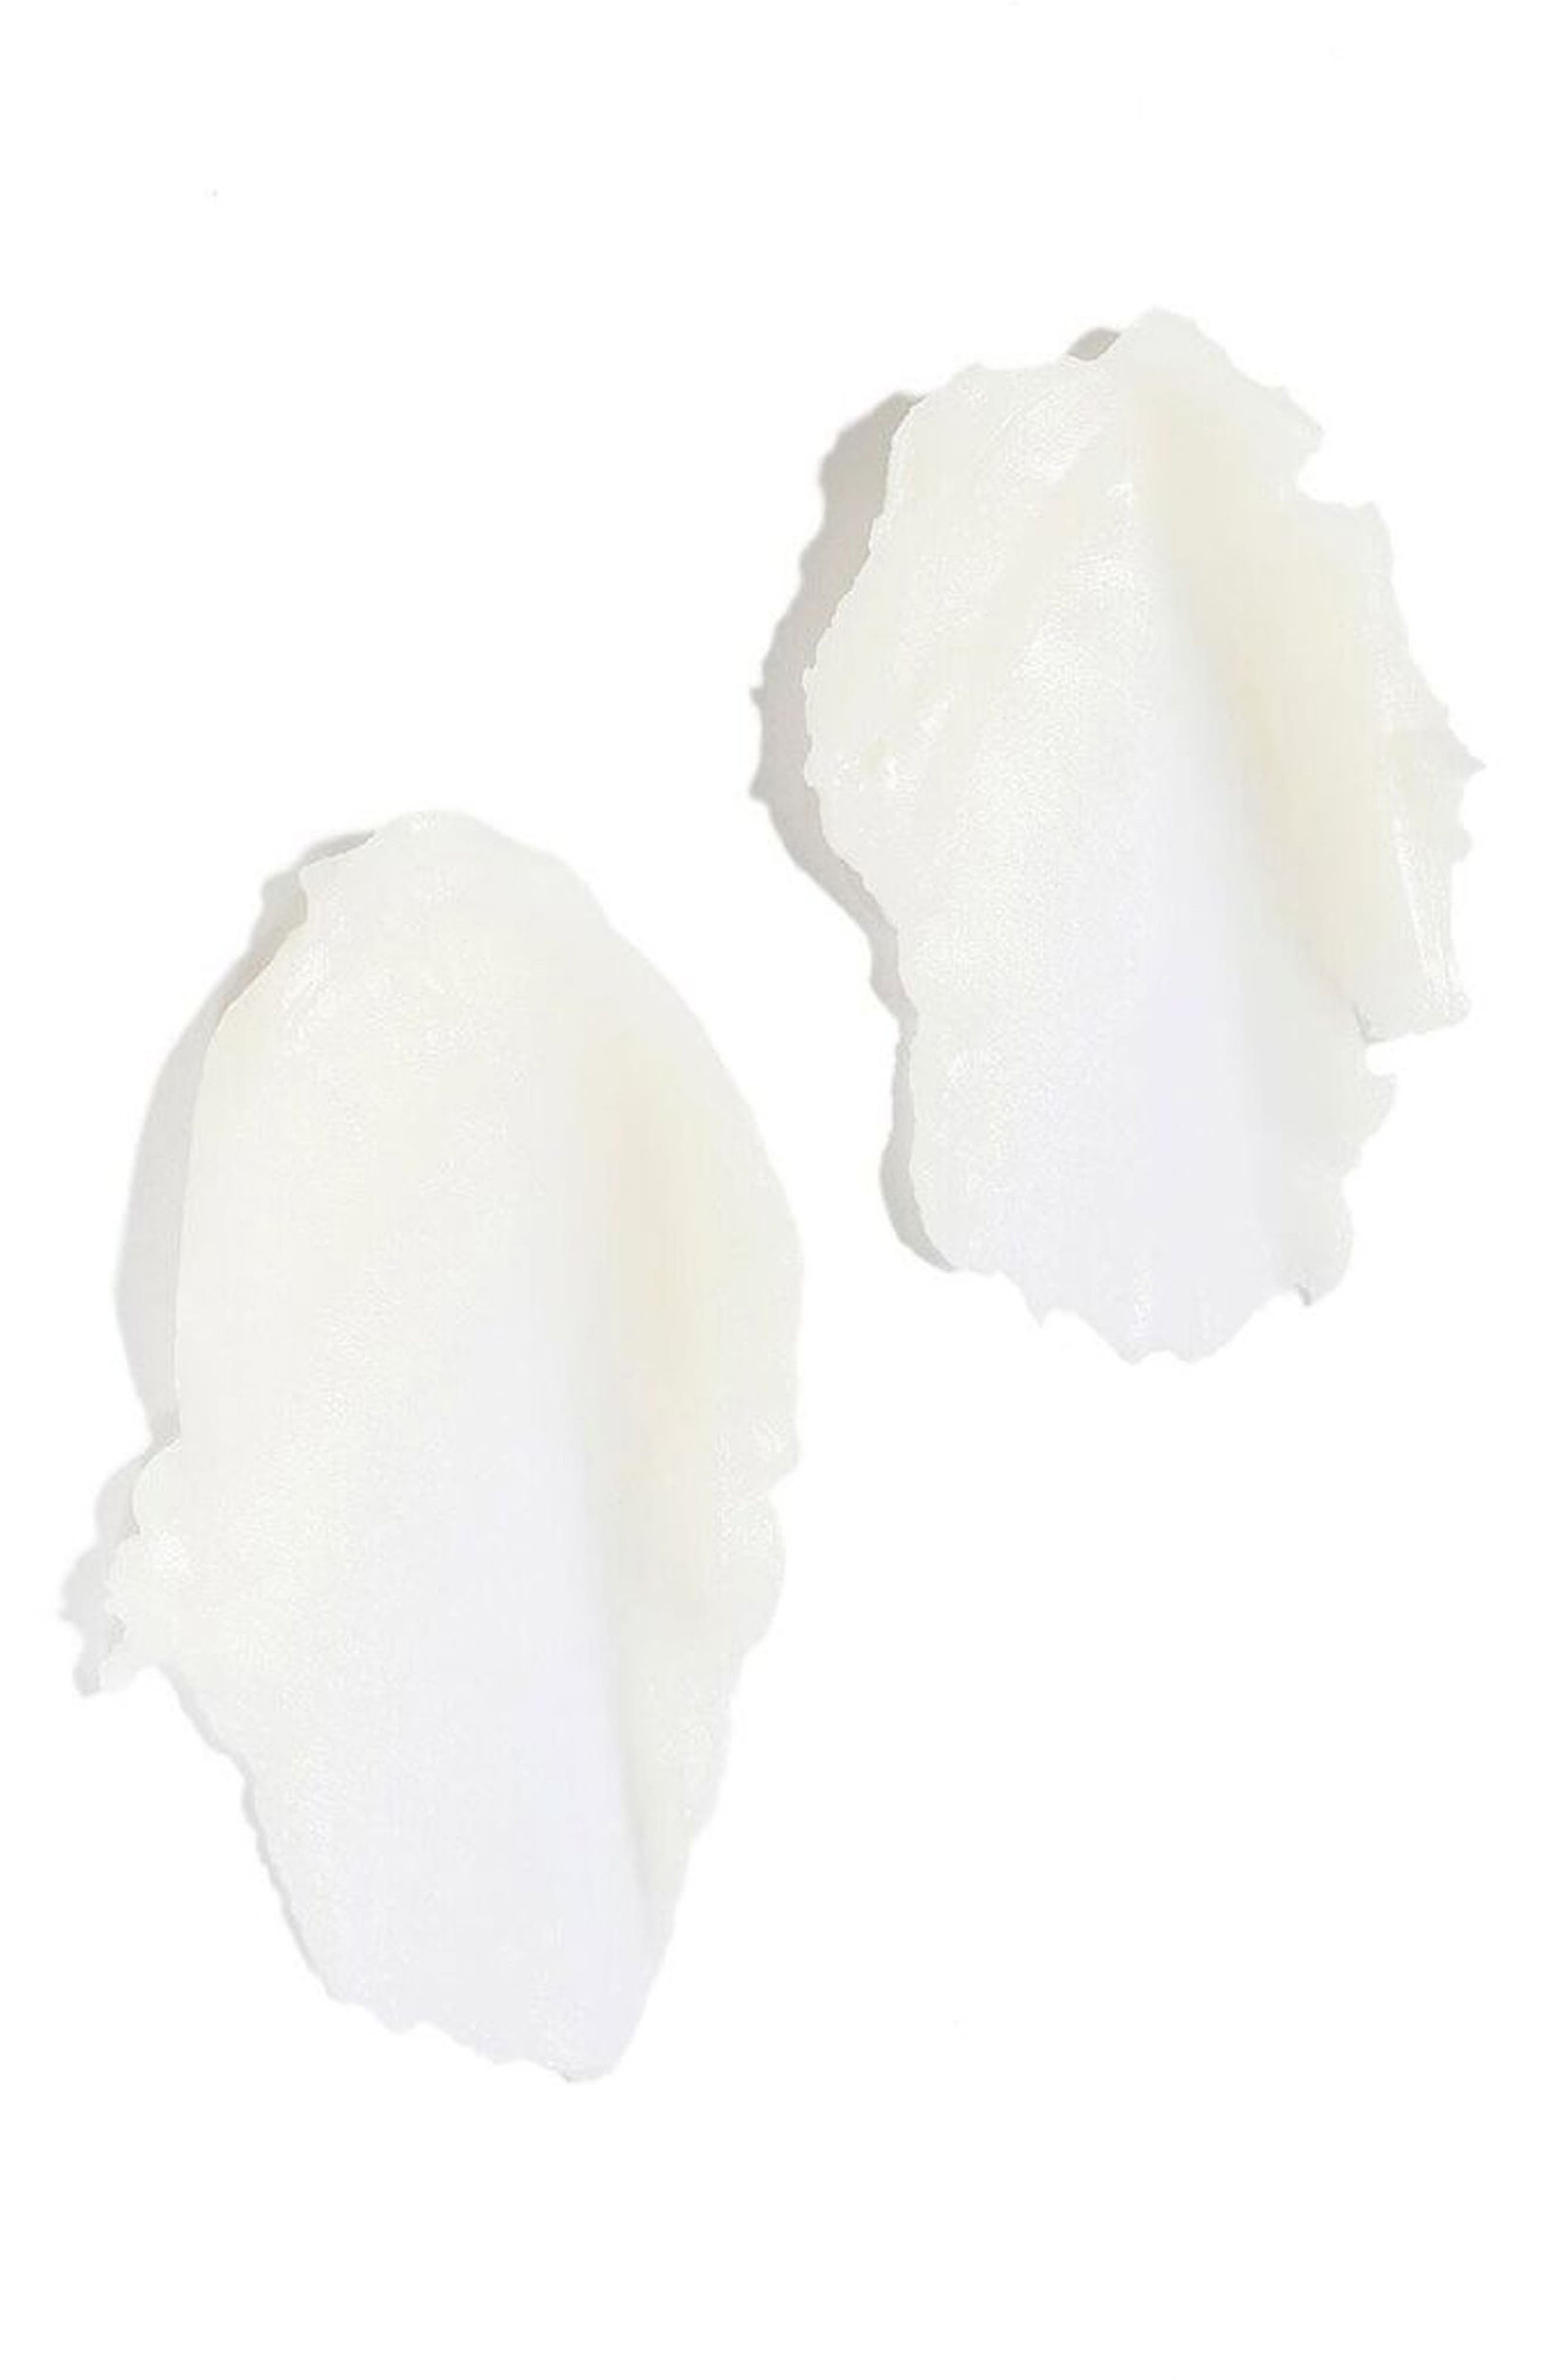 Tula Probiotic Skincare Nordstrom Black Kefir Mask